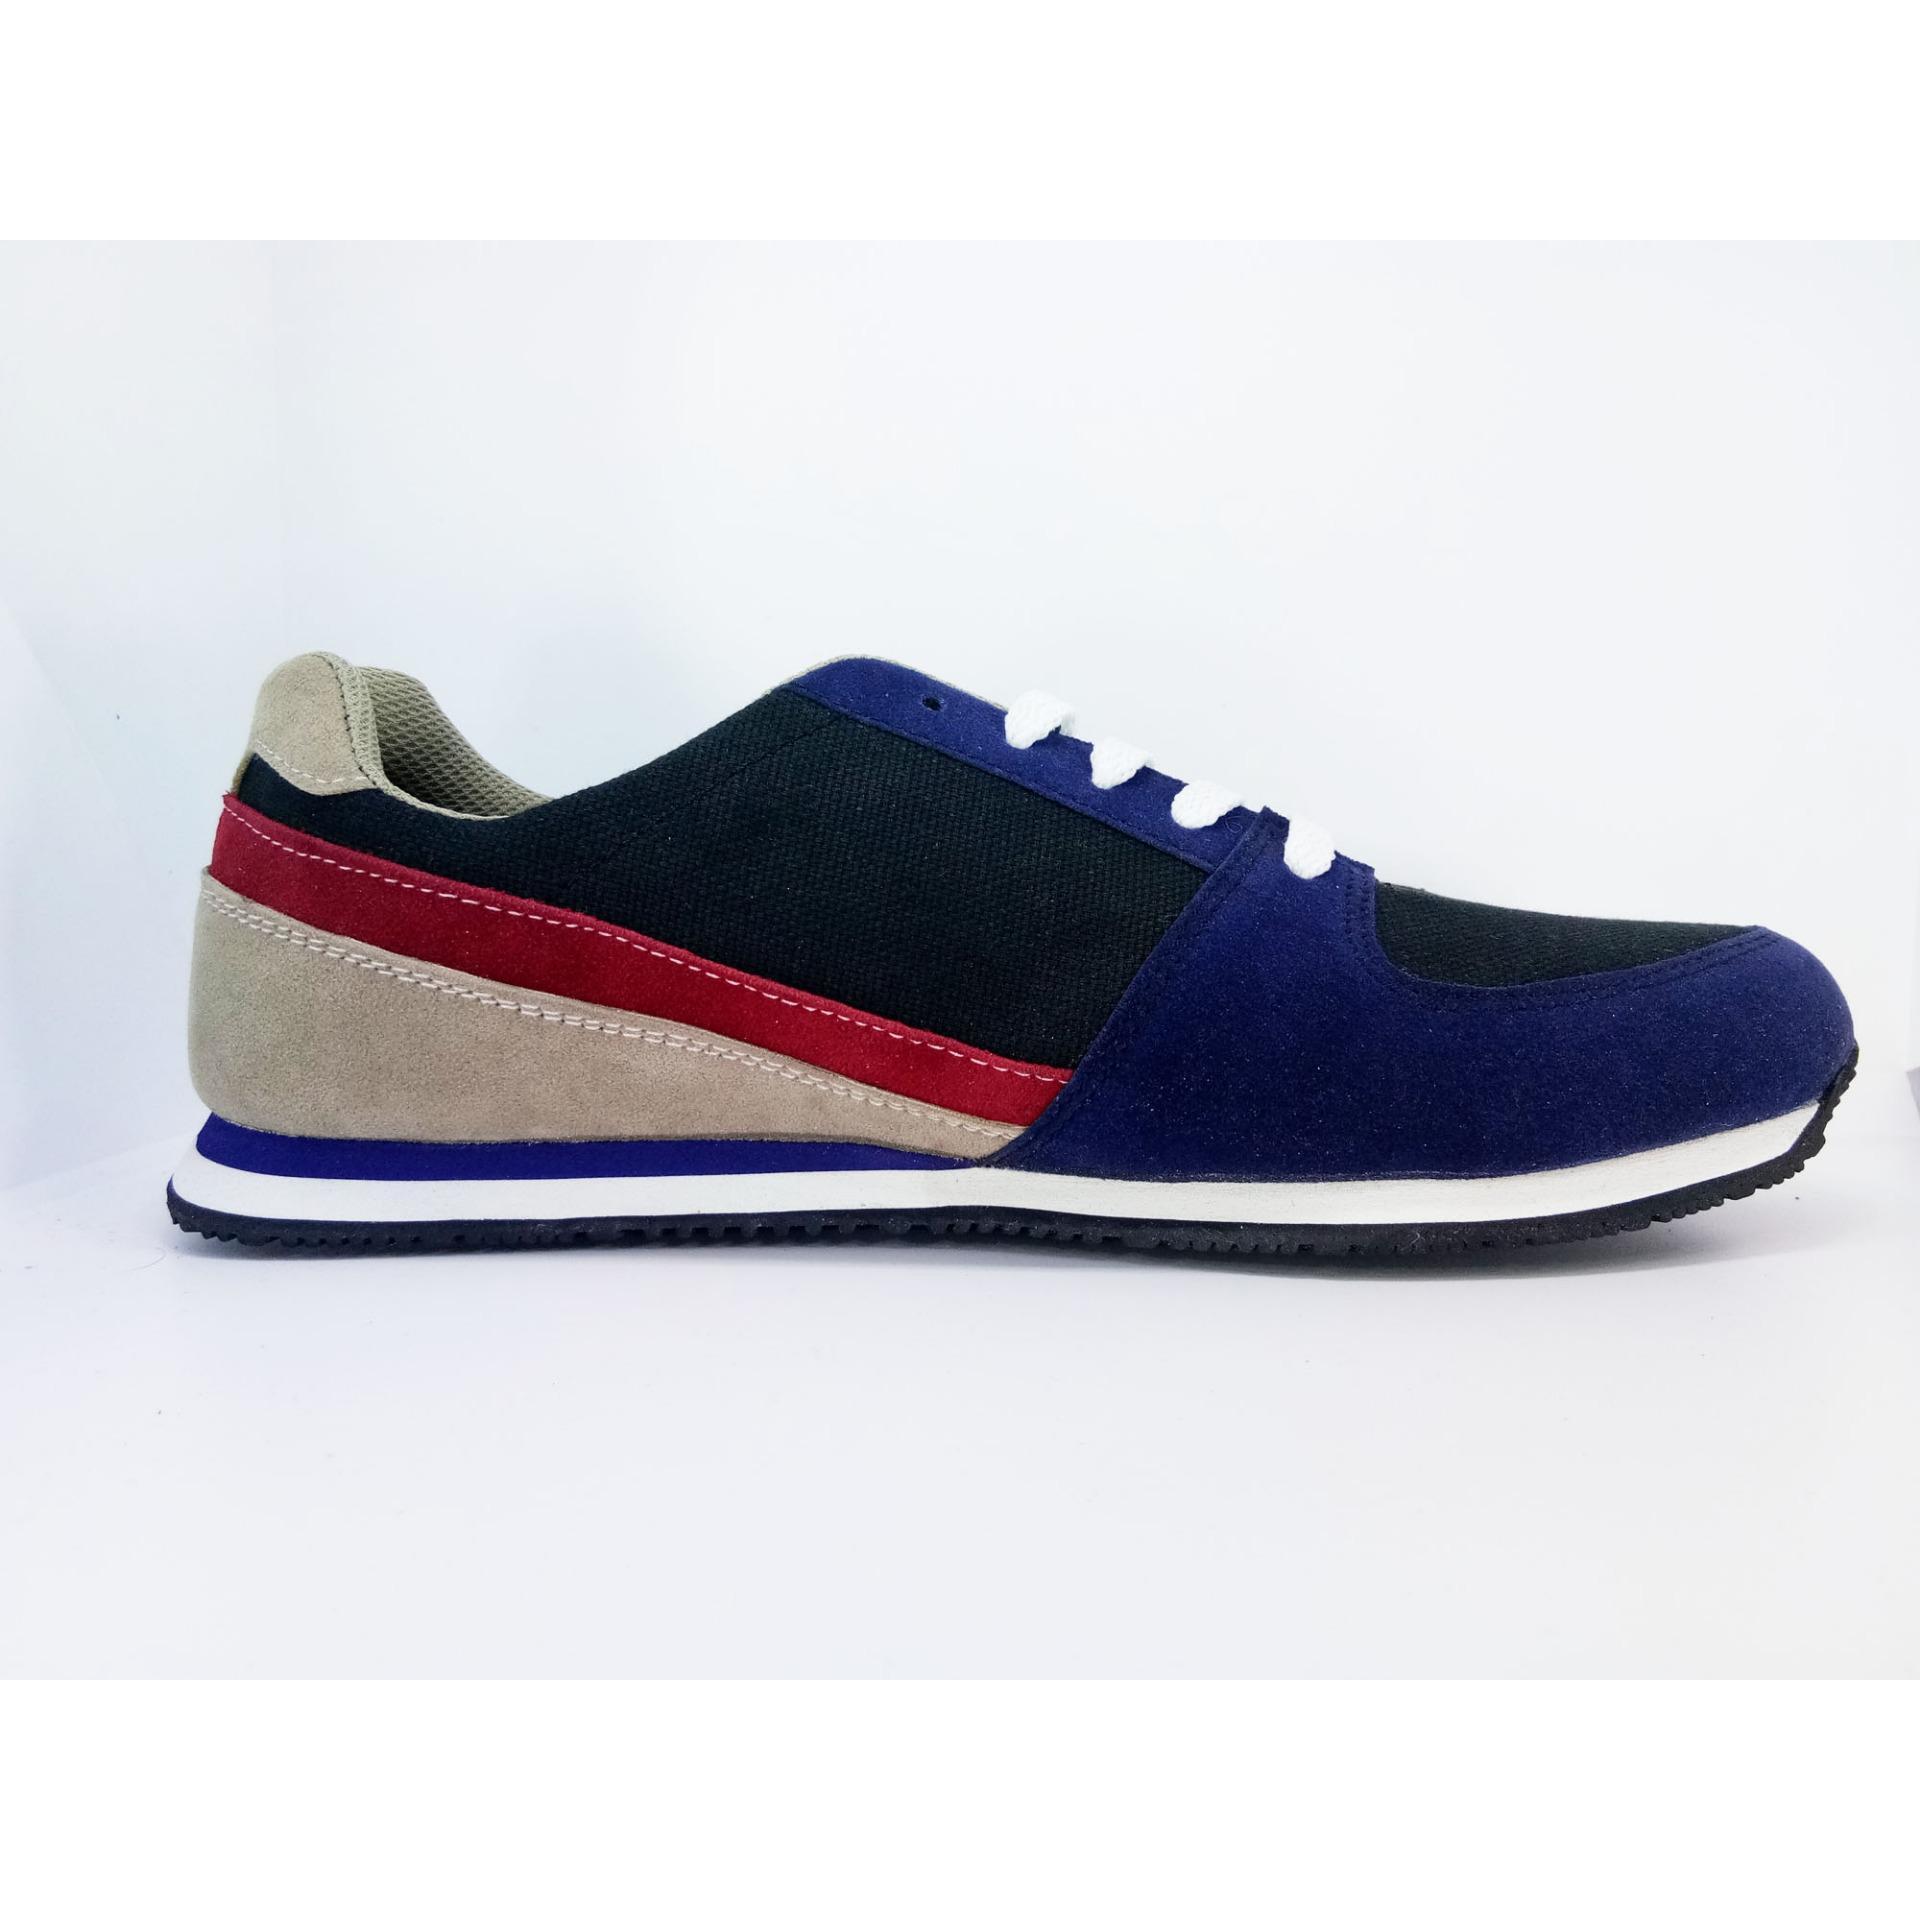 Harga Gshop Sny 6076 Sepatu Sneaker Pria Suede Eva Bagus Navy Kom New